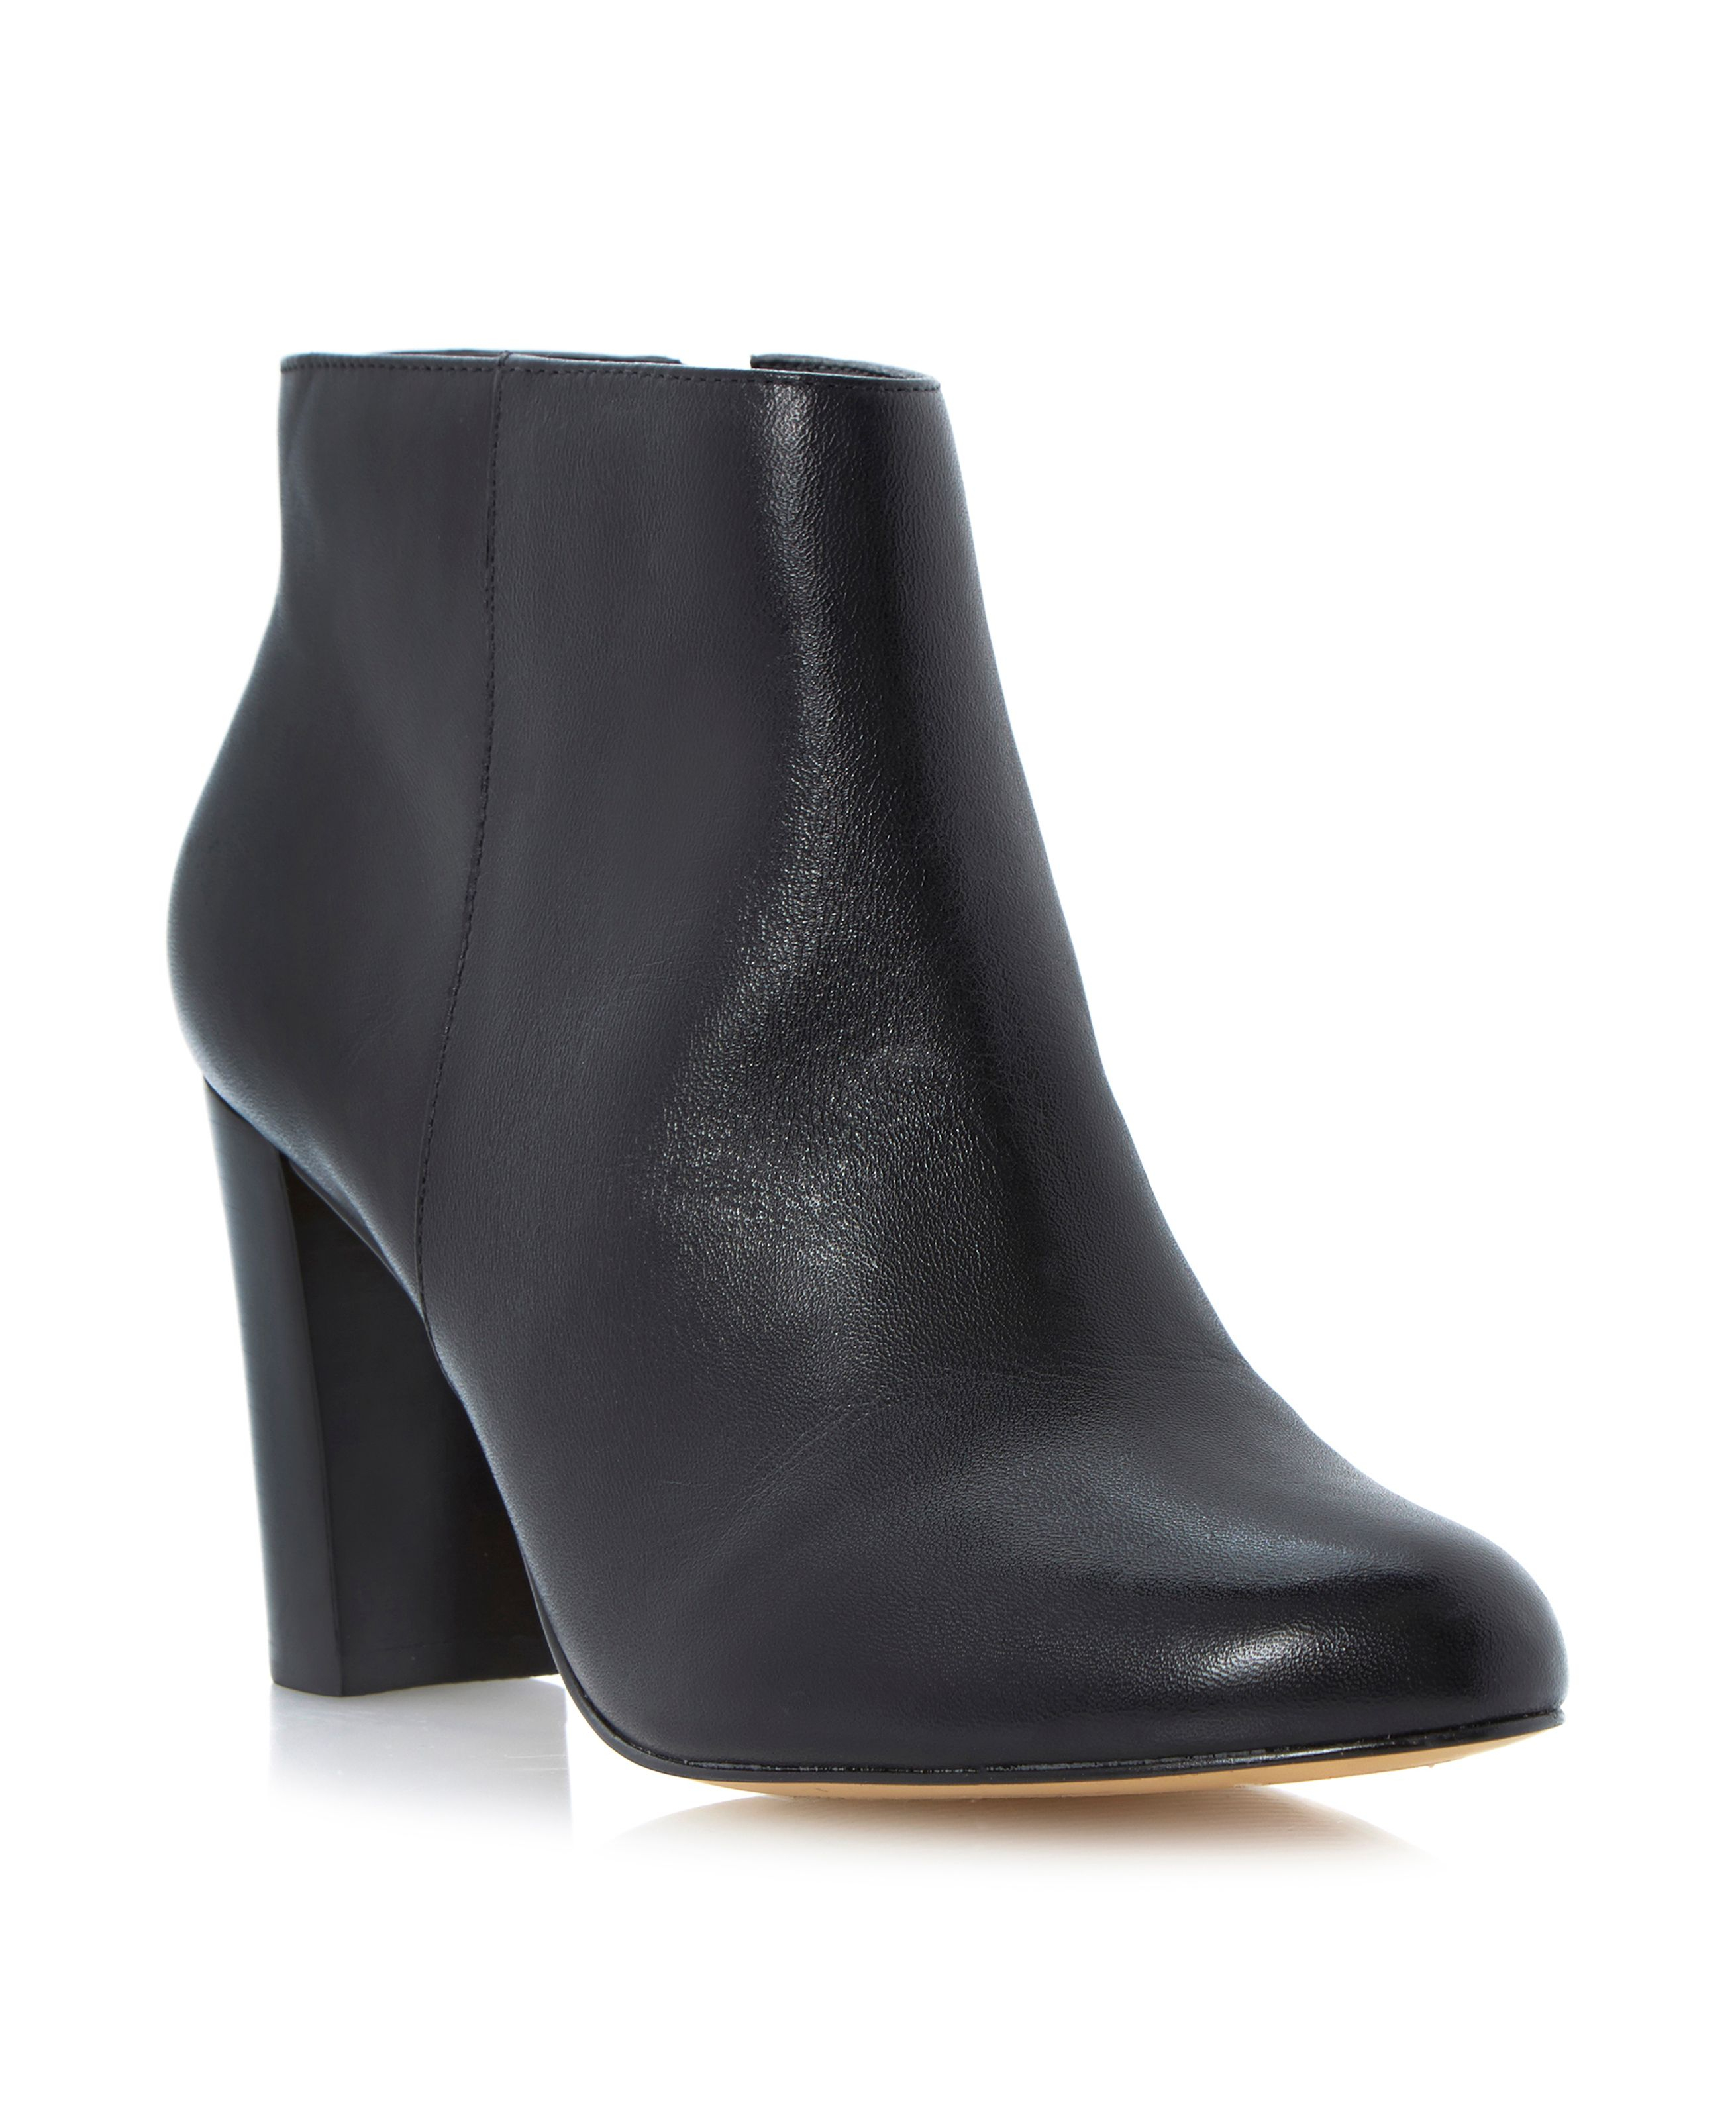 Dune Black Shoes Sale